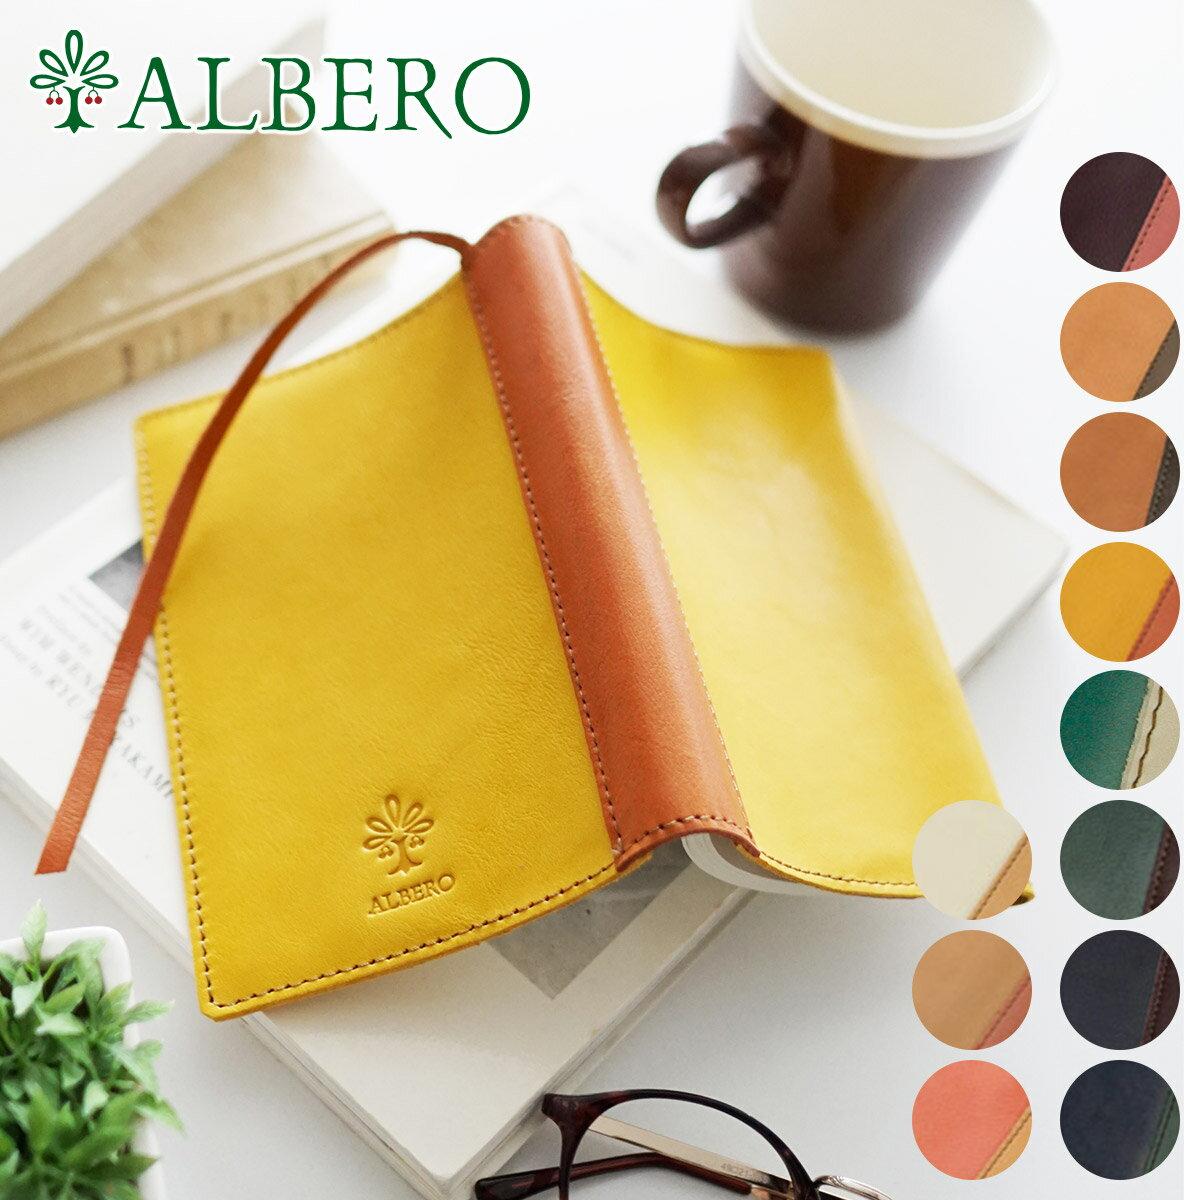 【選べるかわいいノベルティ付】ALBEROアルベロLYON(リヨン)ブックカバー4362(文庫本サイズ)レディース本革レザーブックカバー日本製ギフトかわいいおしゃれプレゼントブランド